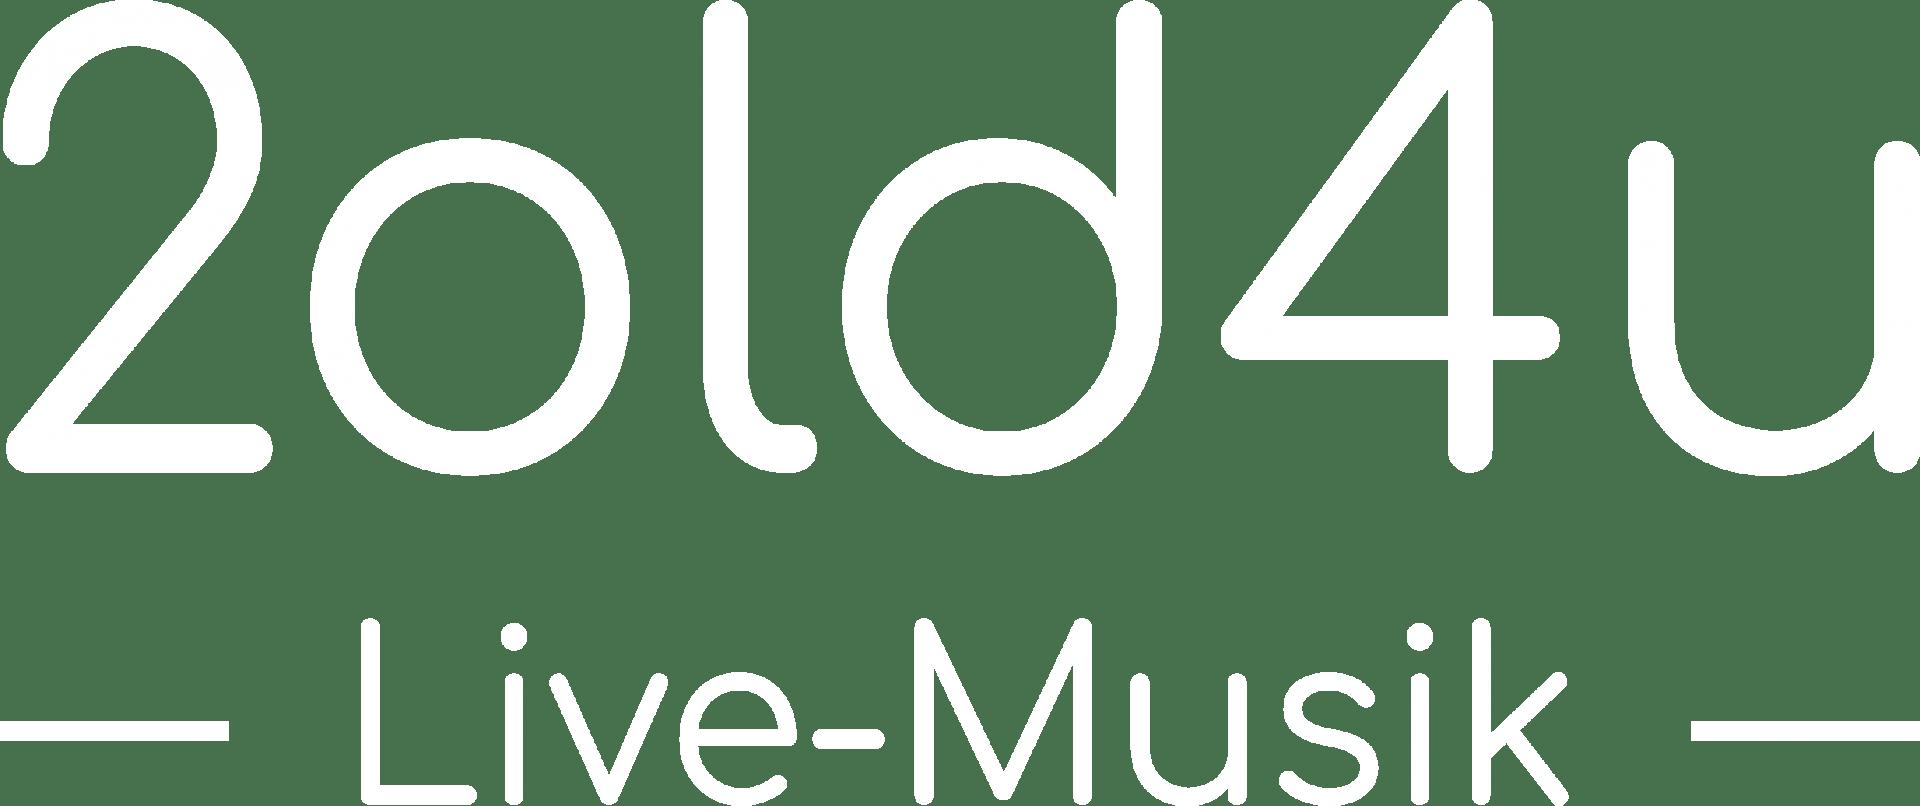 Logo 2old4u (weiß)